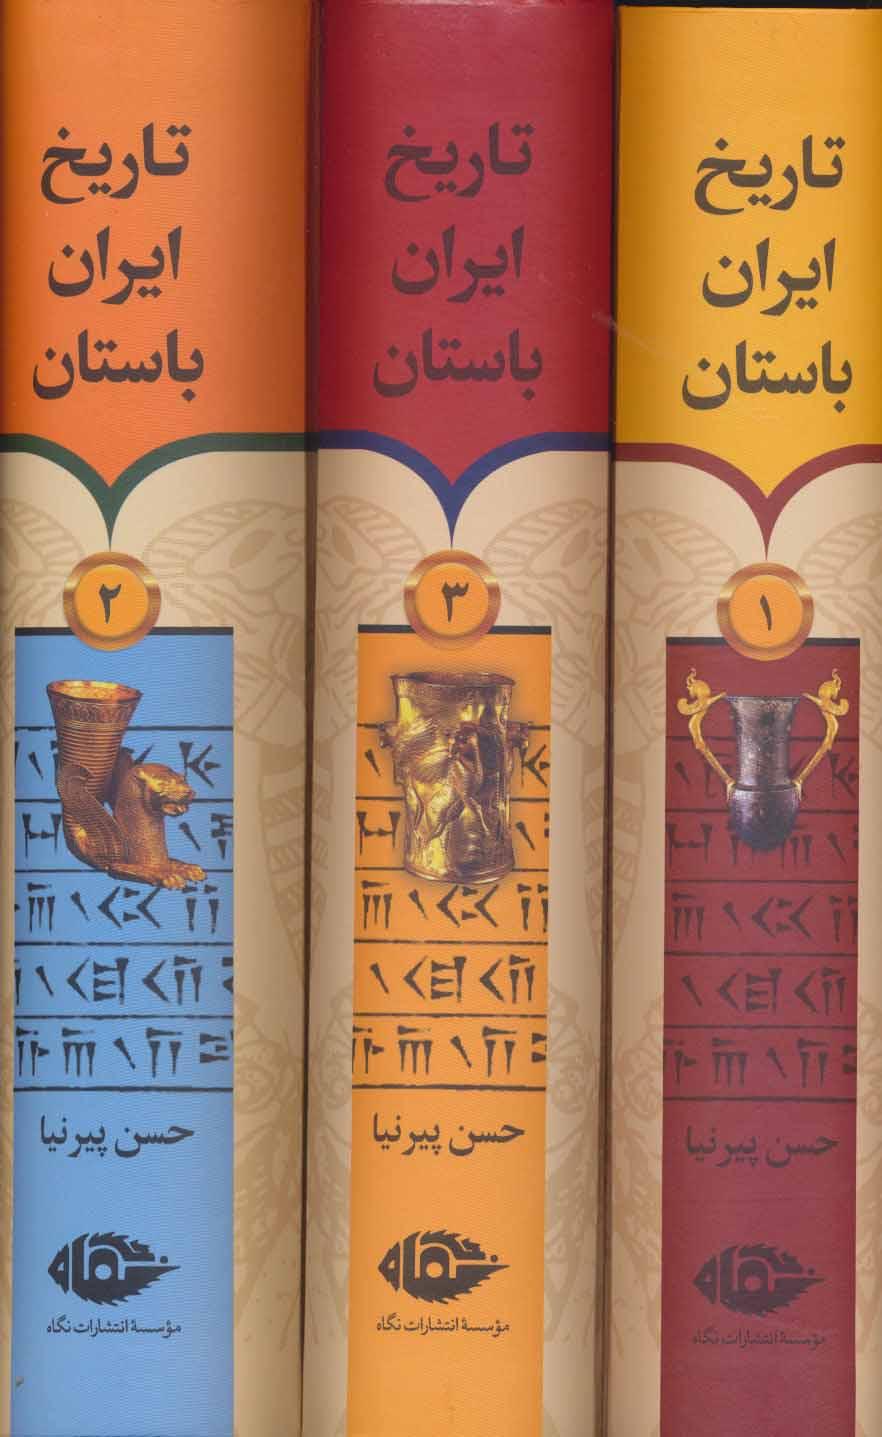 تاریخ ایران باستان (3جلدی،باقاب)